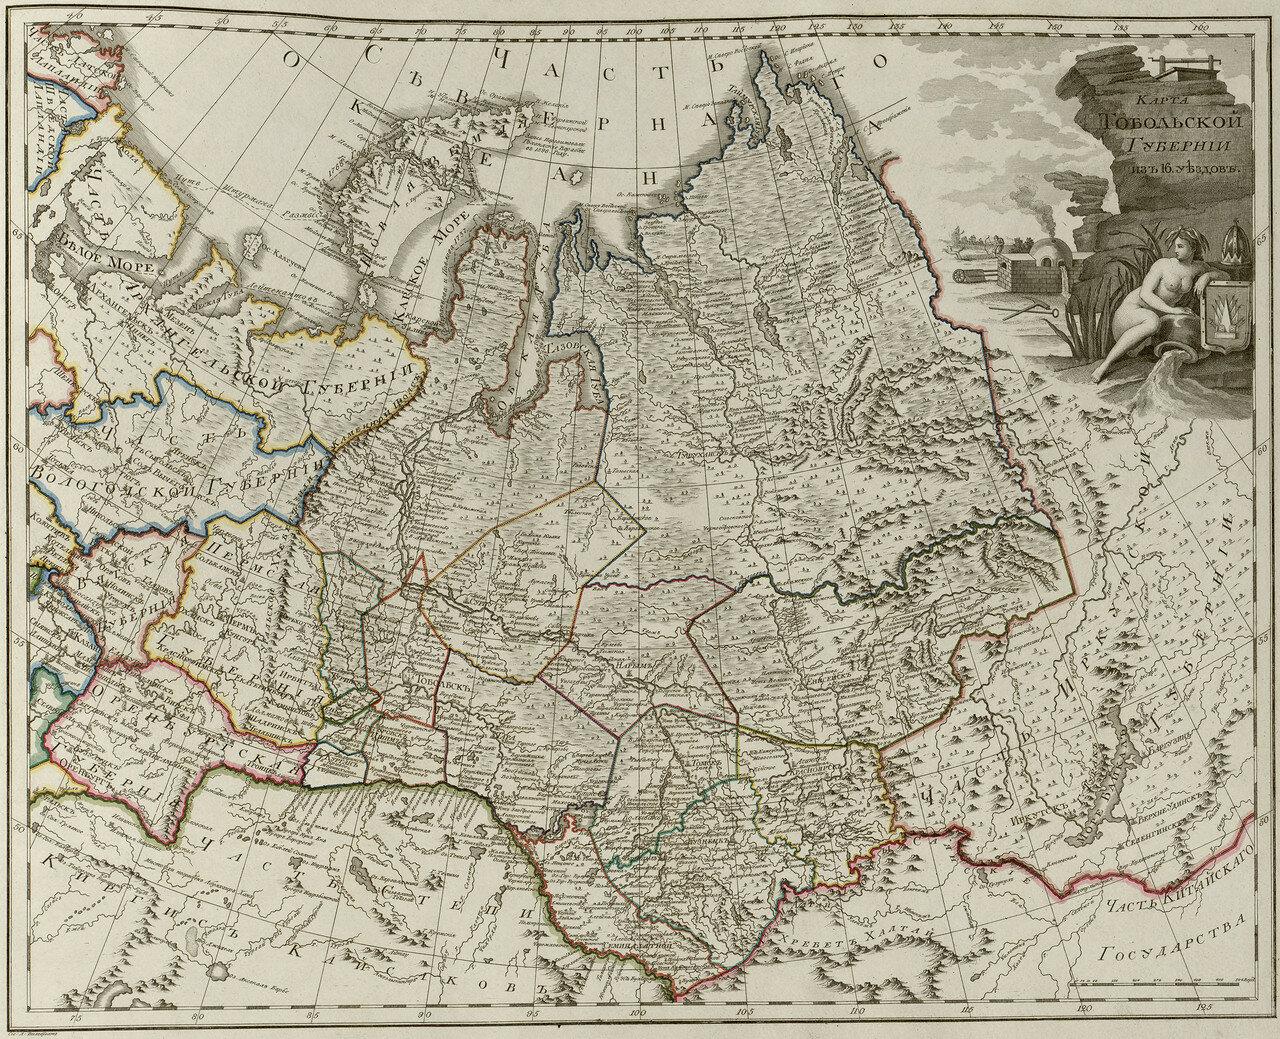 41. Карта Тобольской губернии